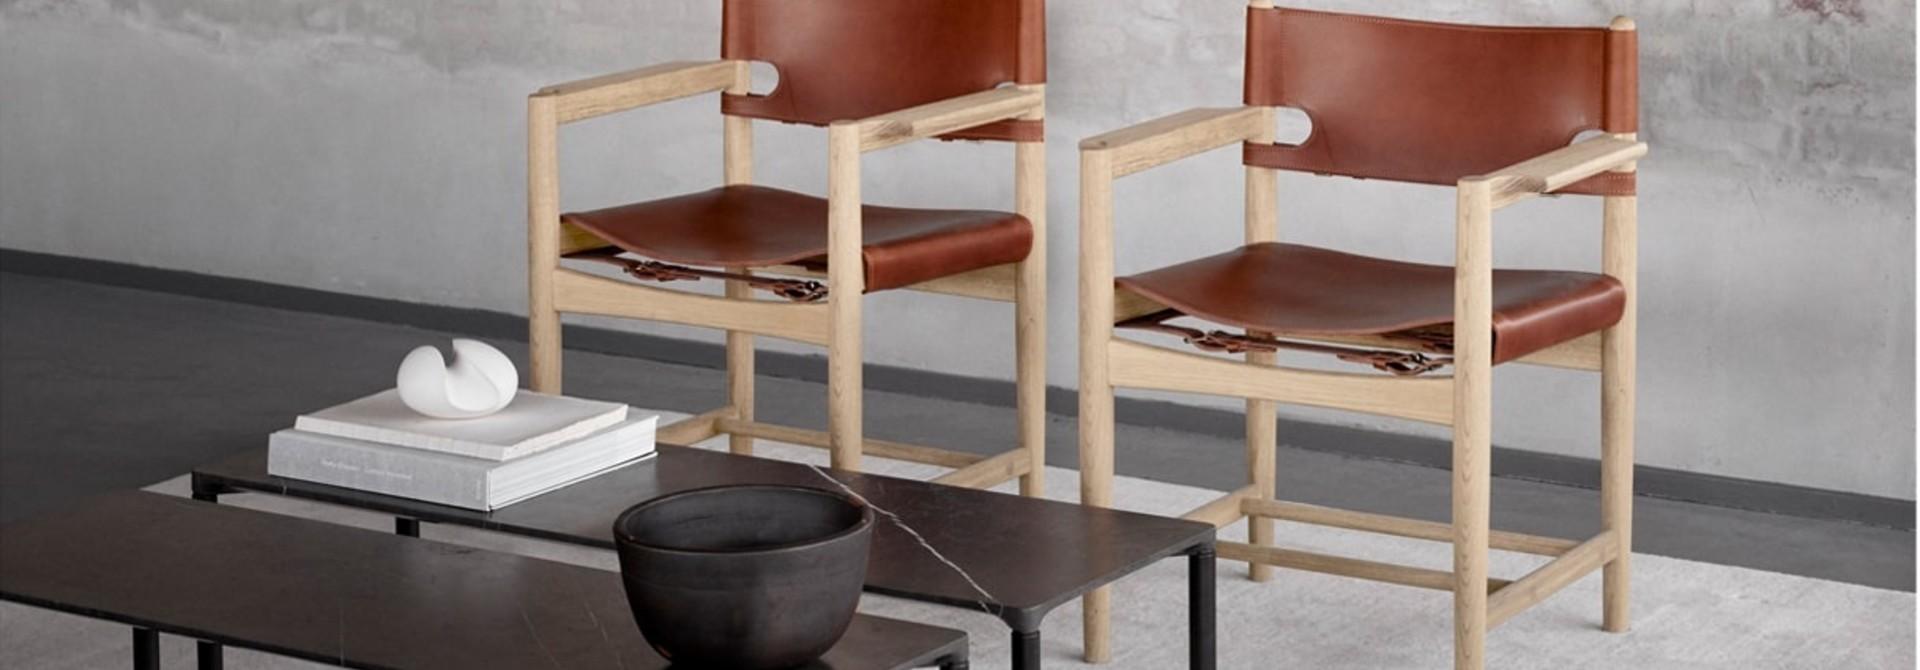 Spanish Dining Chair Armchair